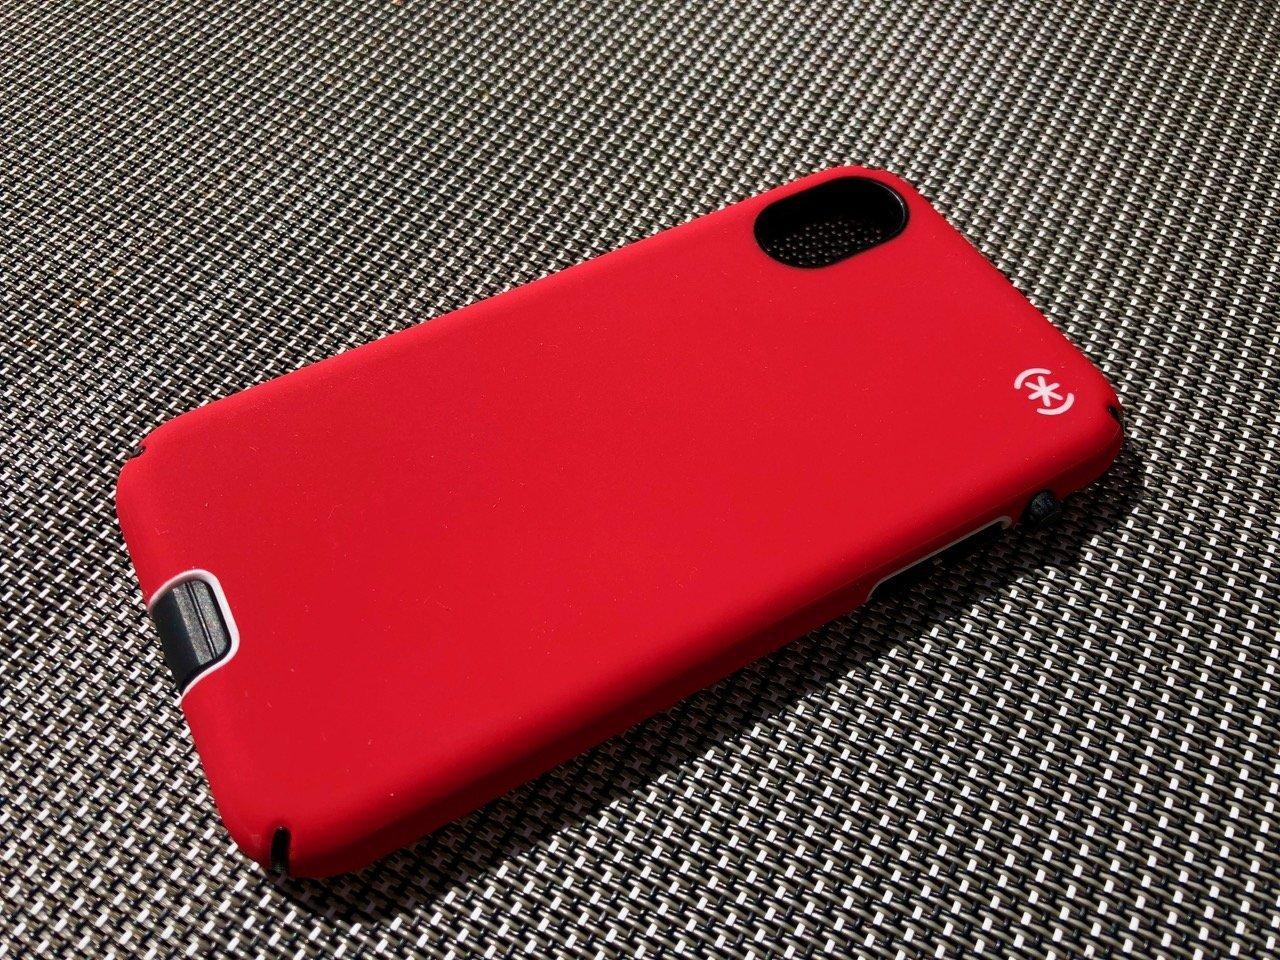 Neue Speck iPhone X Hüllen ausprobiert: Presidio Sport und Presidio Folio 3